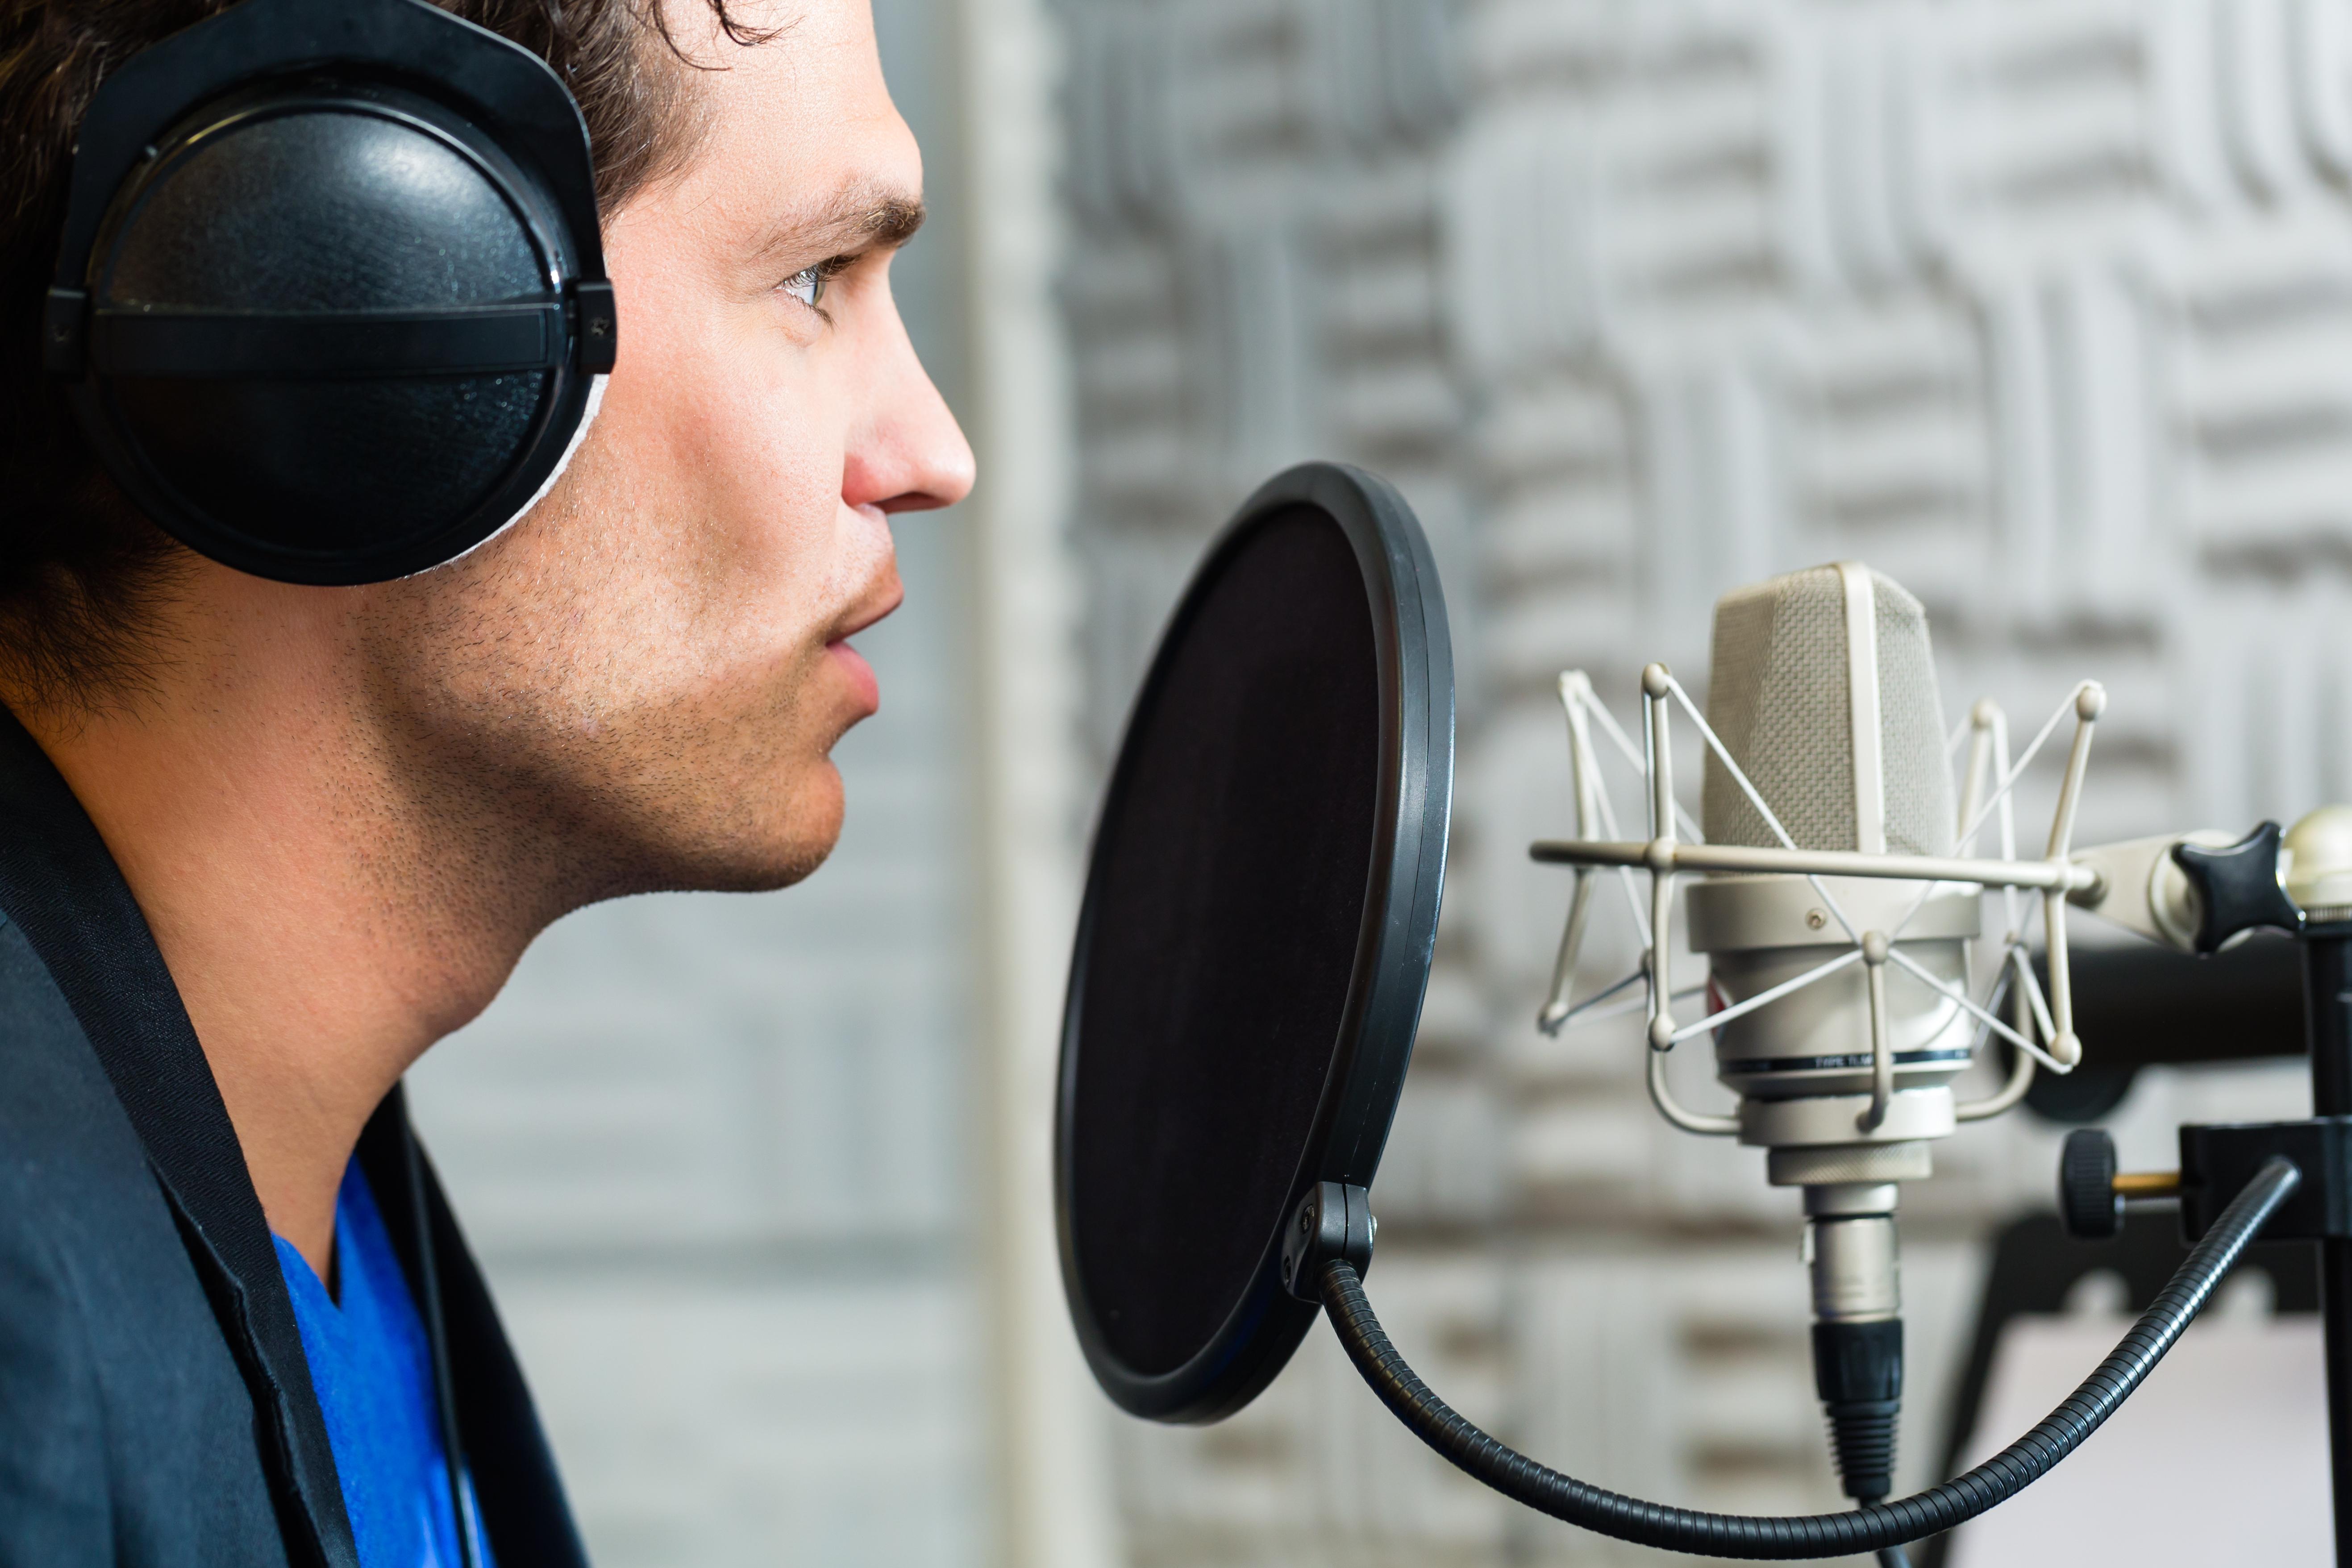 Get One of the best Recording Studio in Noida